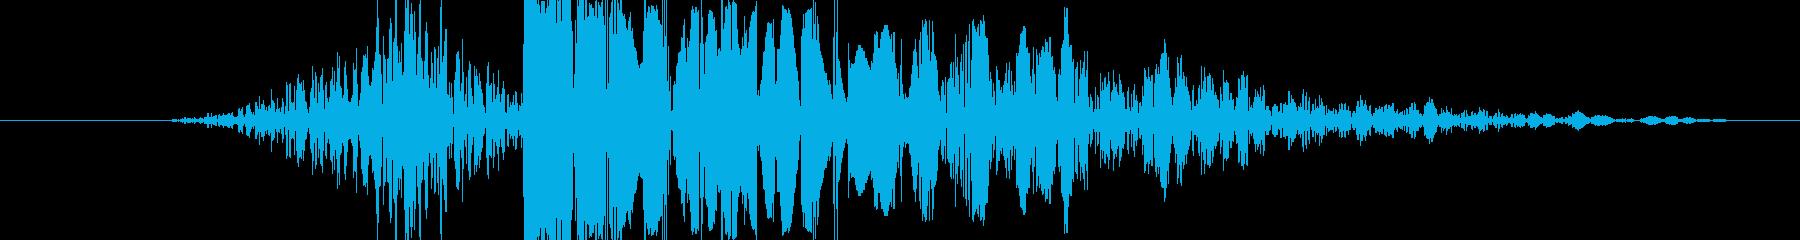 【いわゆるパンチ音】よく聞くあの感じの再生済みの波形